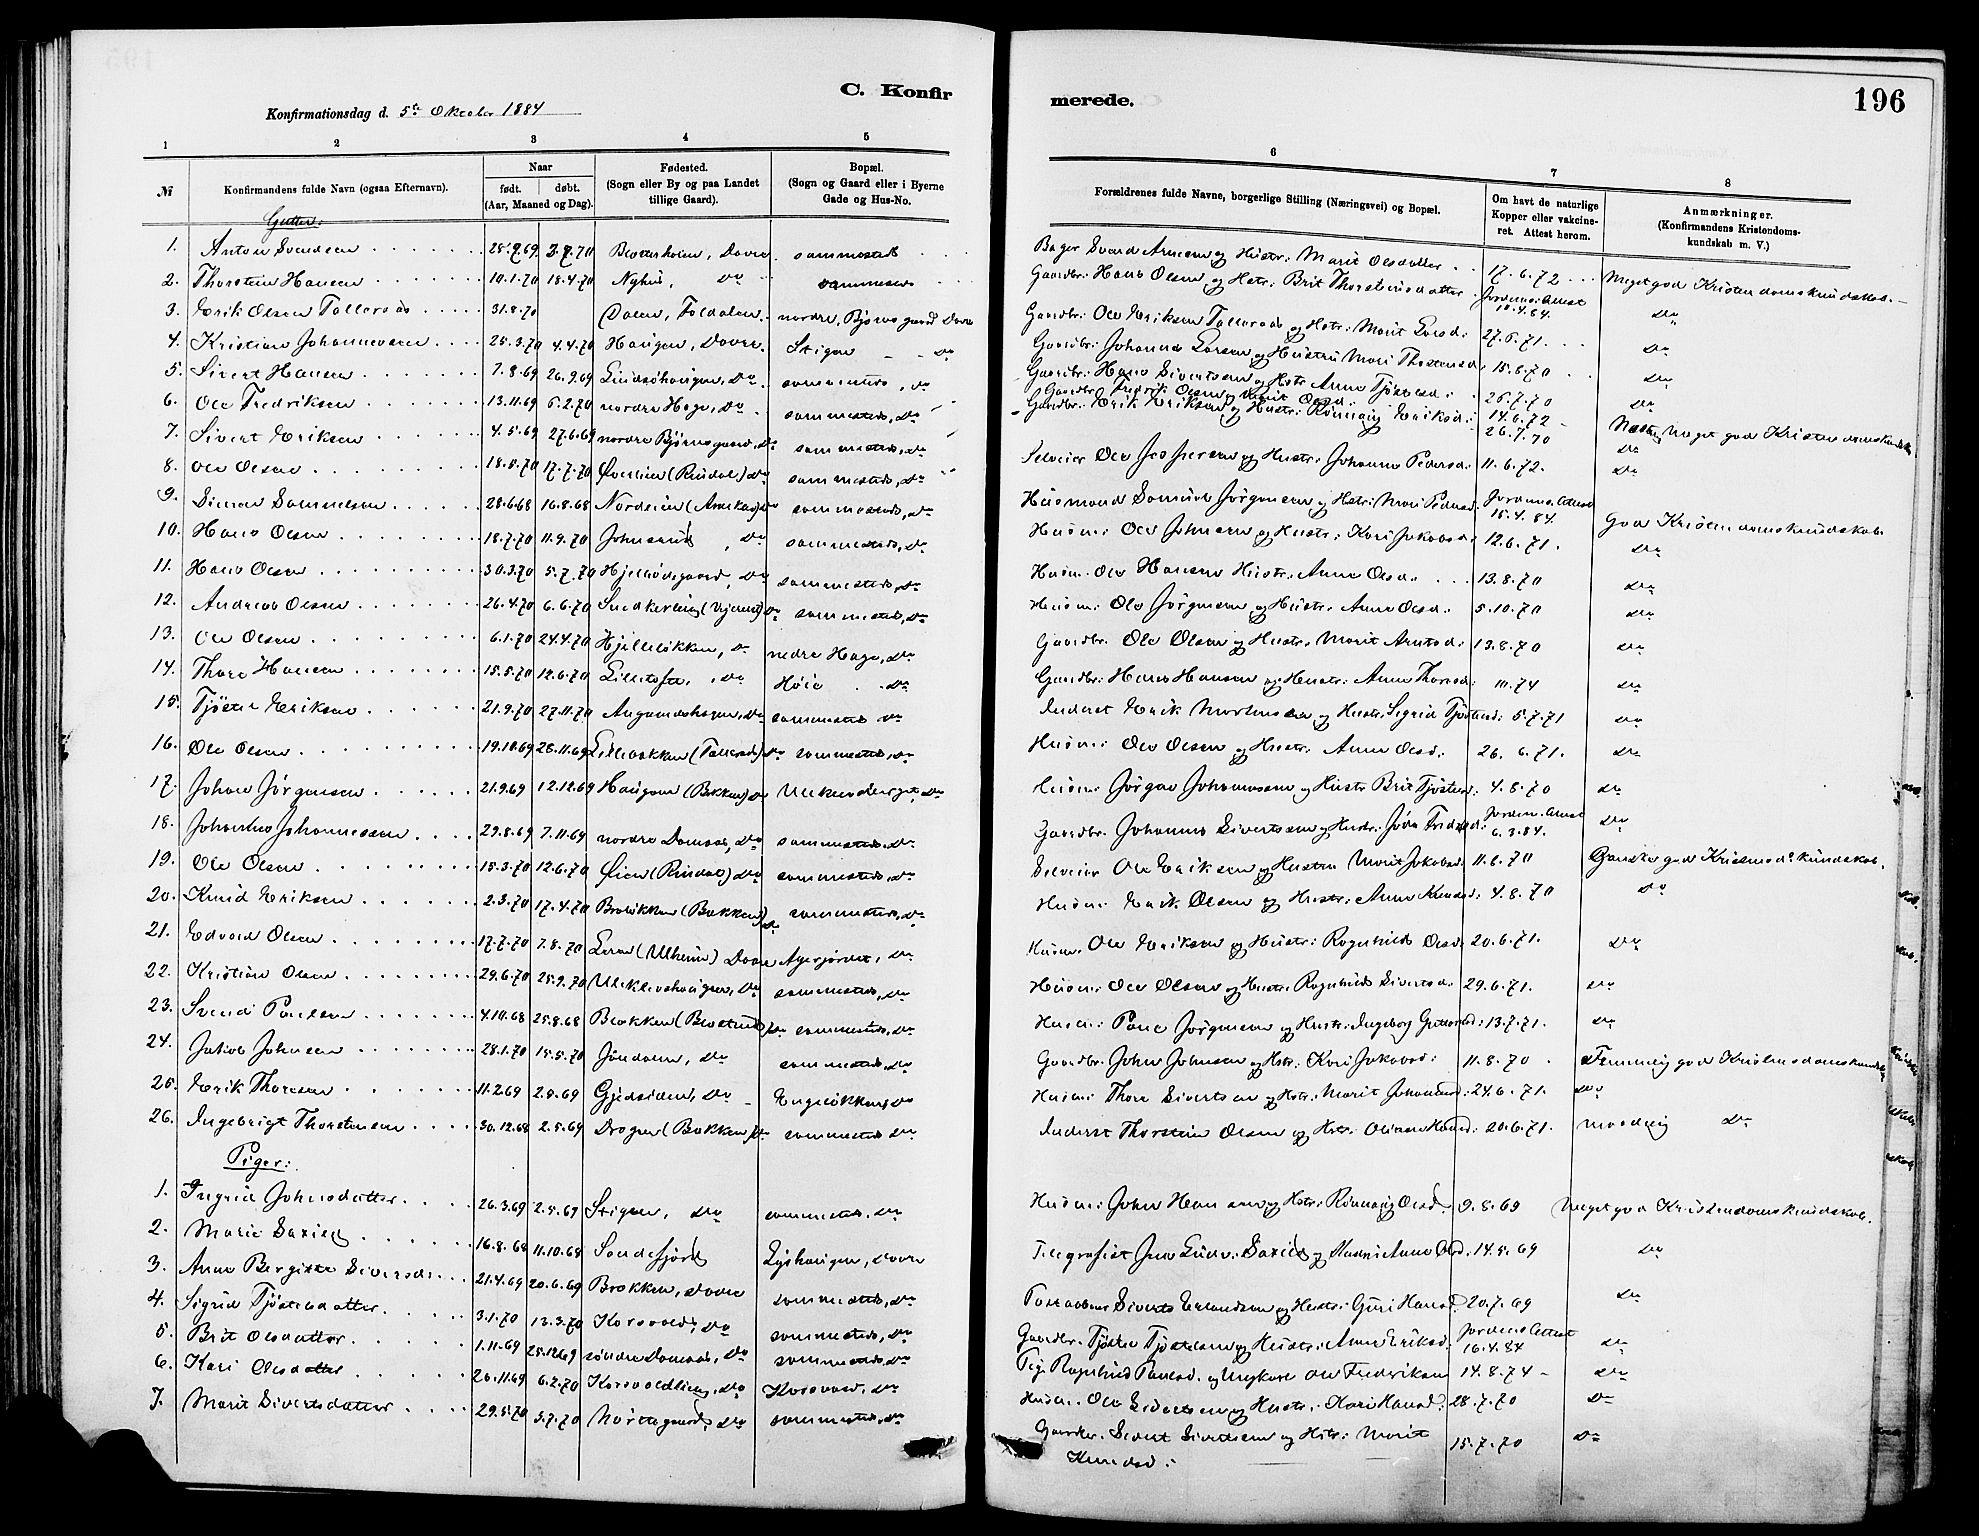 SAH, Dovre prestekontor, Klokkerbok nr. 2, 1881-1907, s. 196